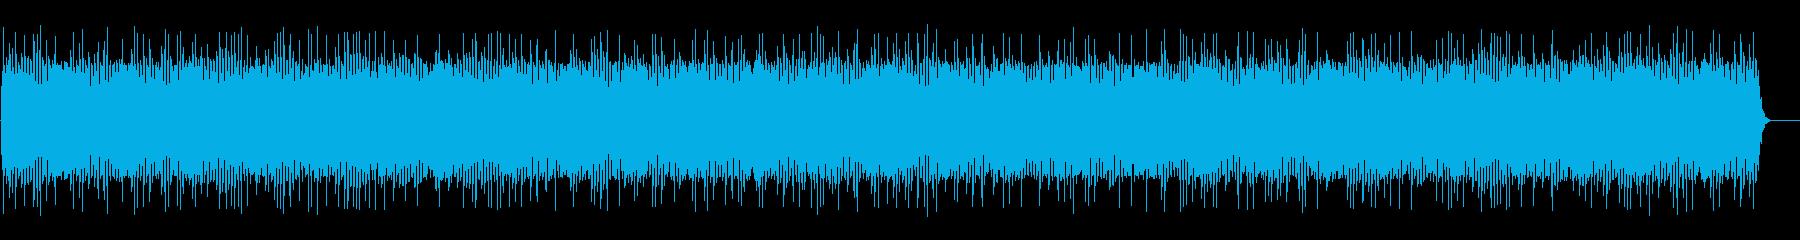 [電気] ビリビリ感電 pat_A 低めの再生済みの波形